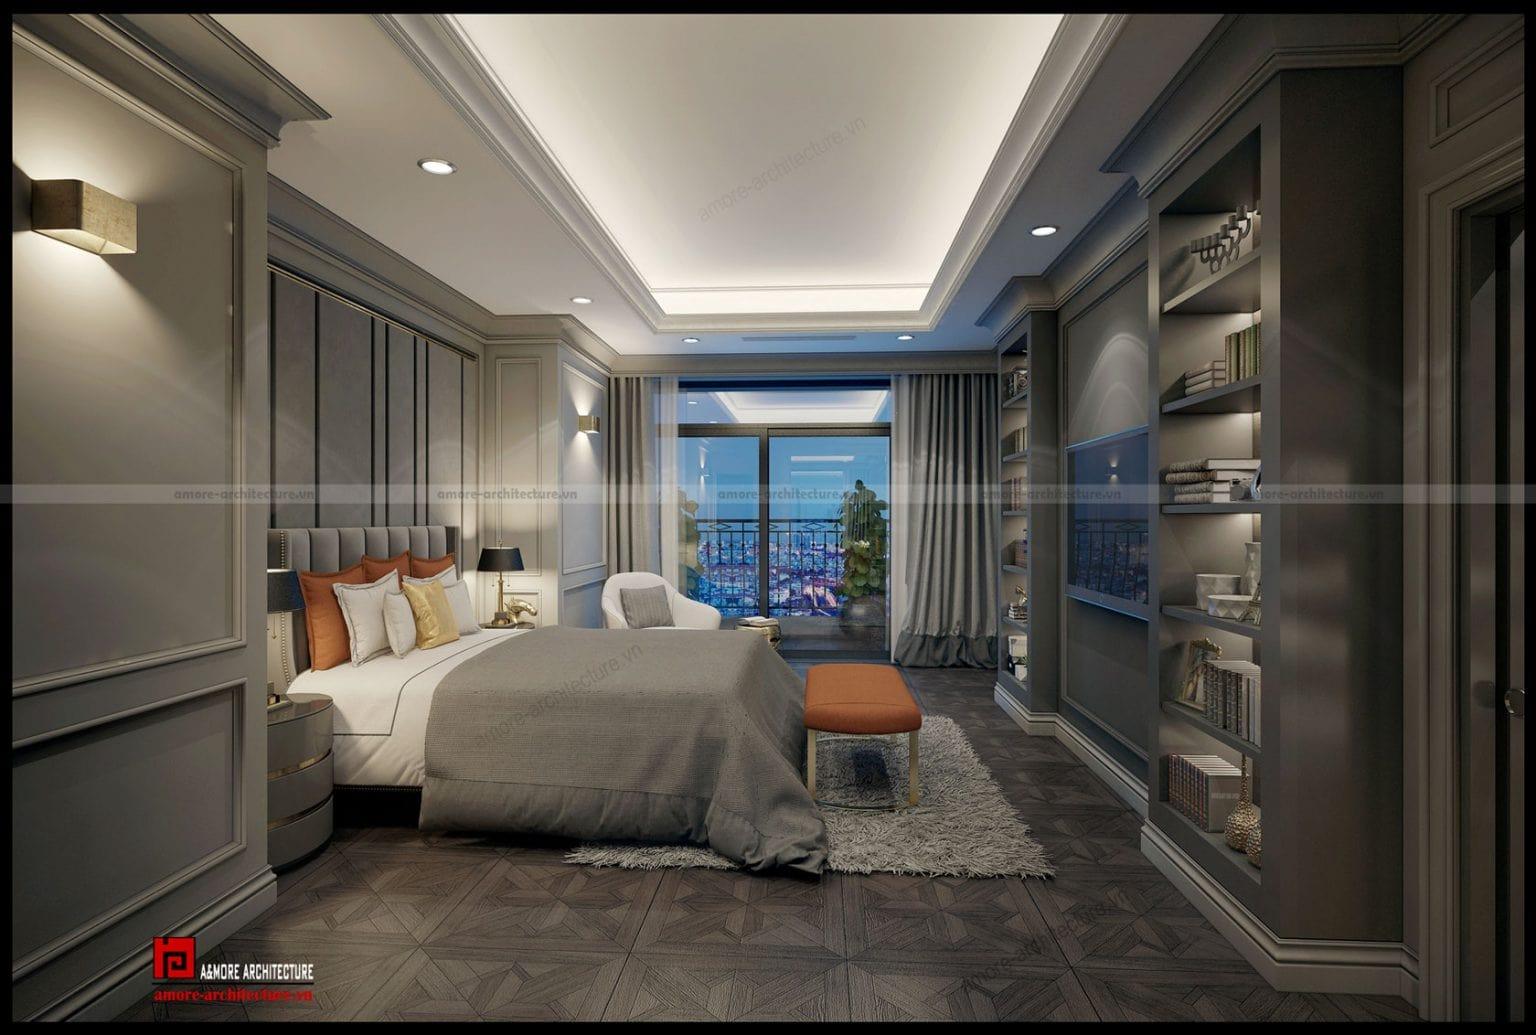 Thiết kế nội thất tân cổ điện đẹp